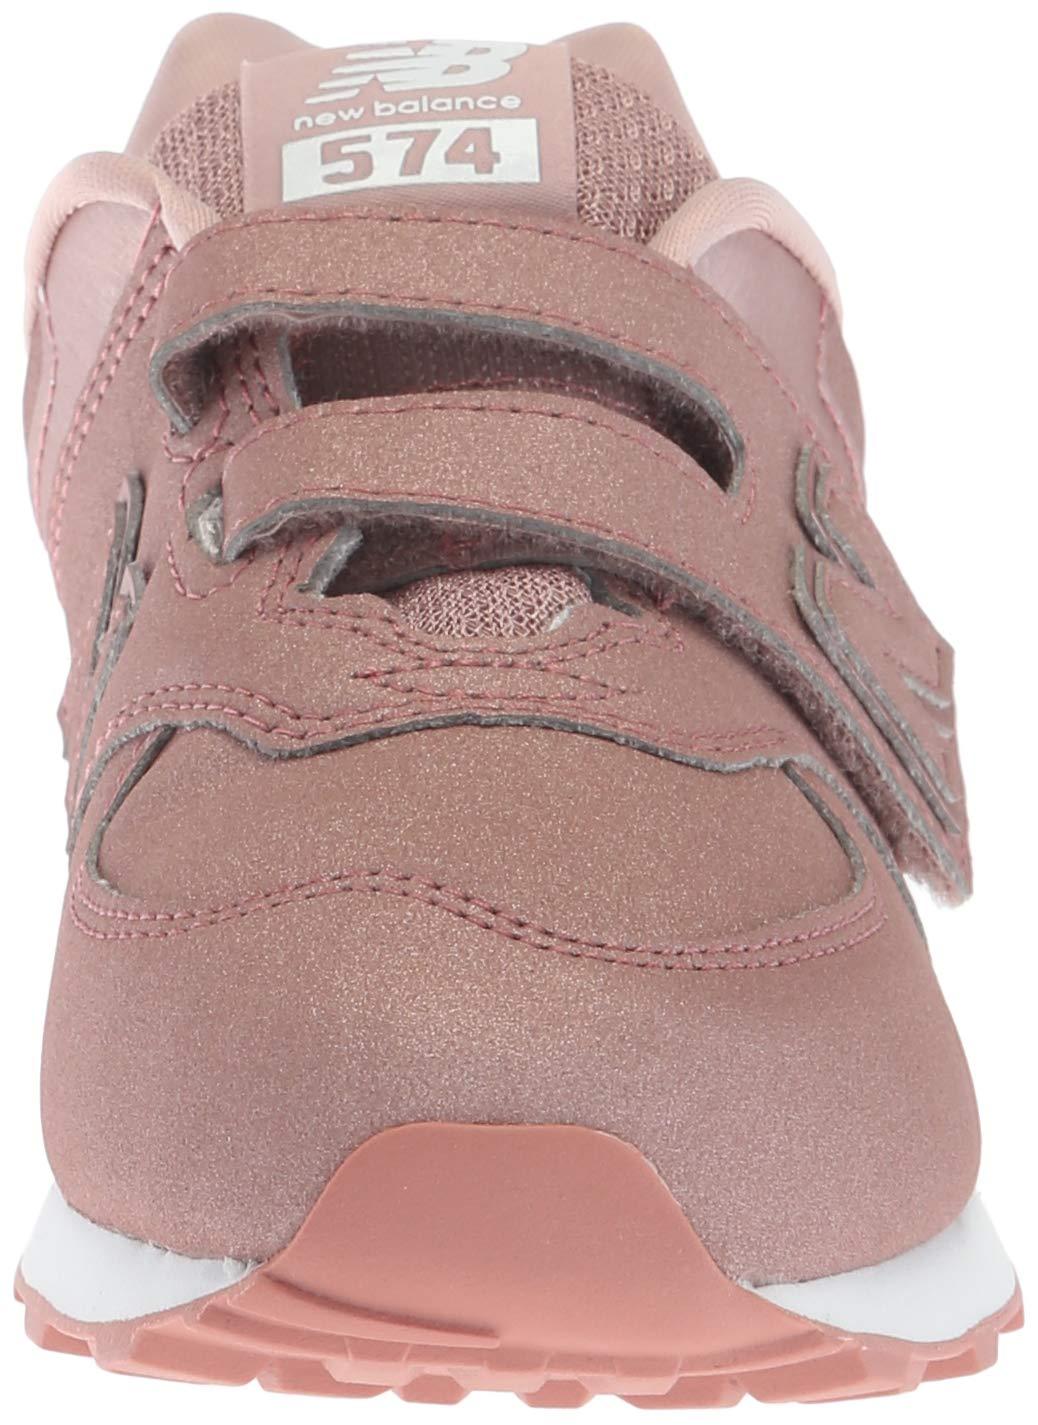 new balance rosa con glitter